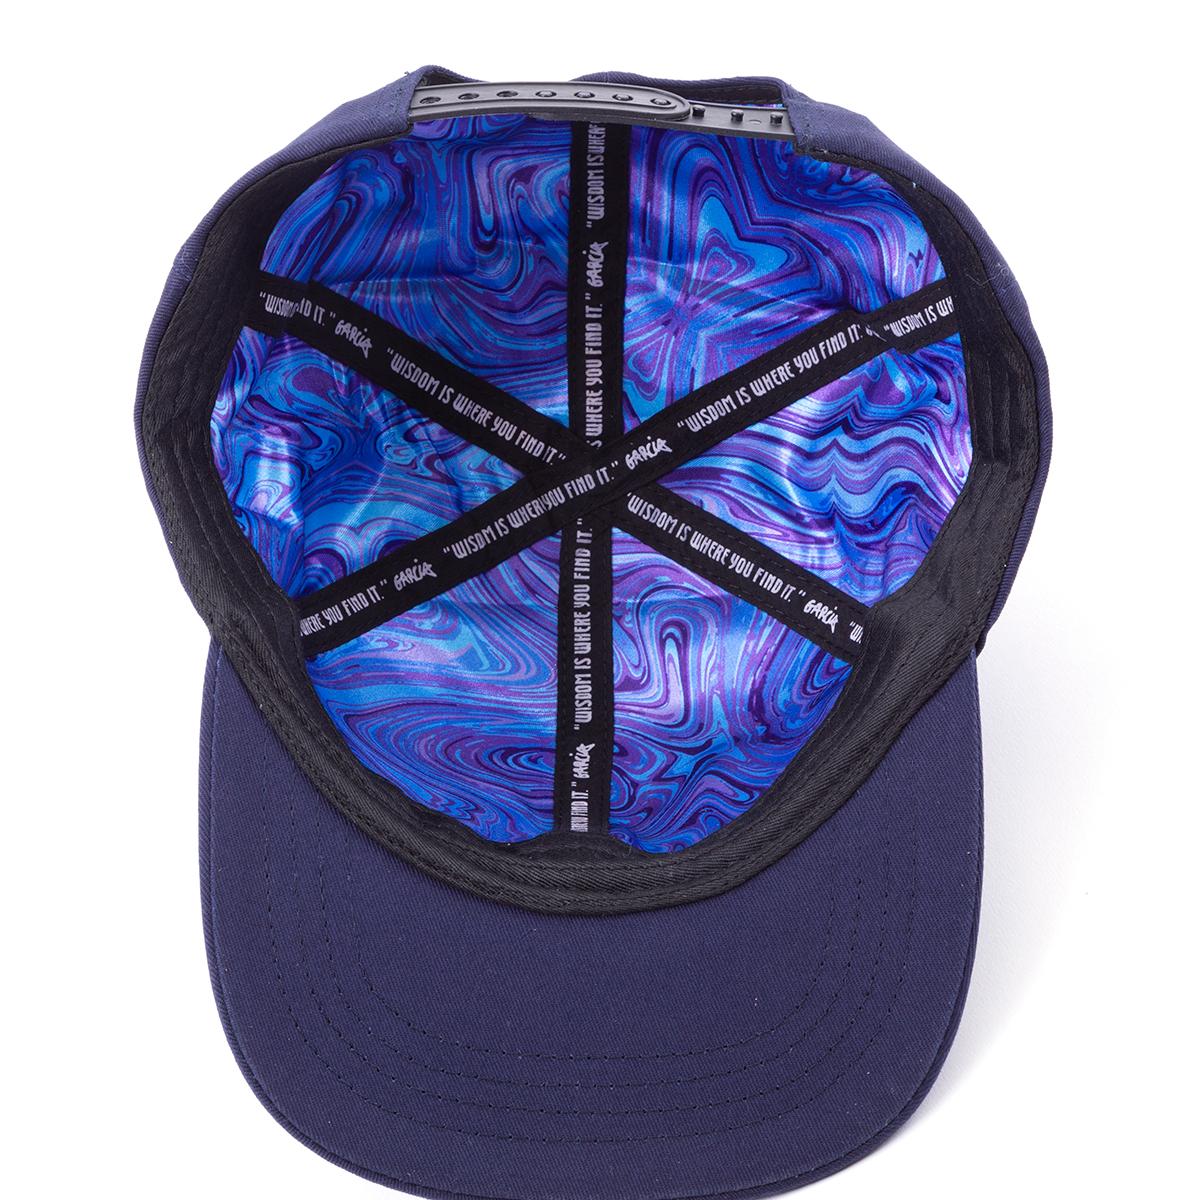 Garcia Hand Picked Navy Flat Brim Hat